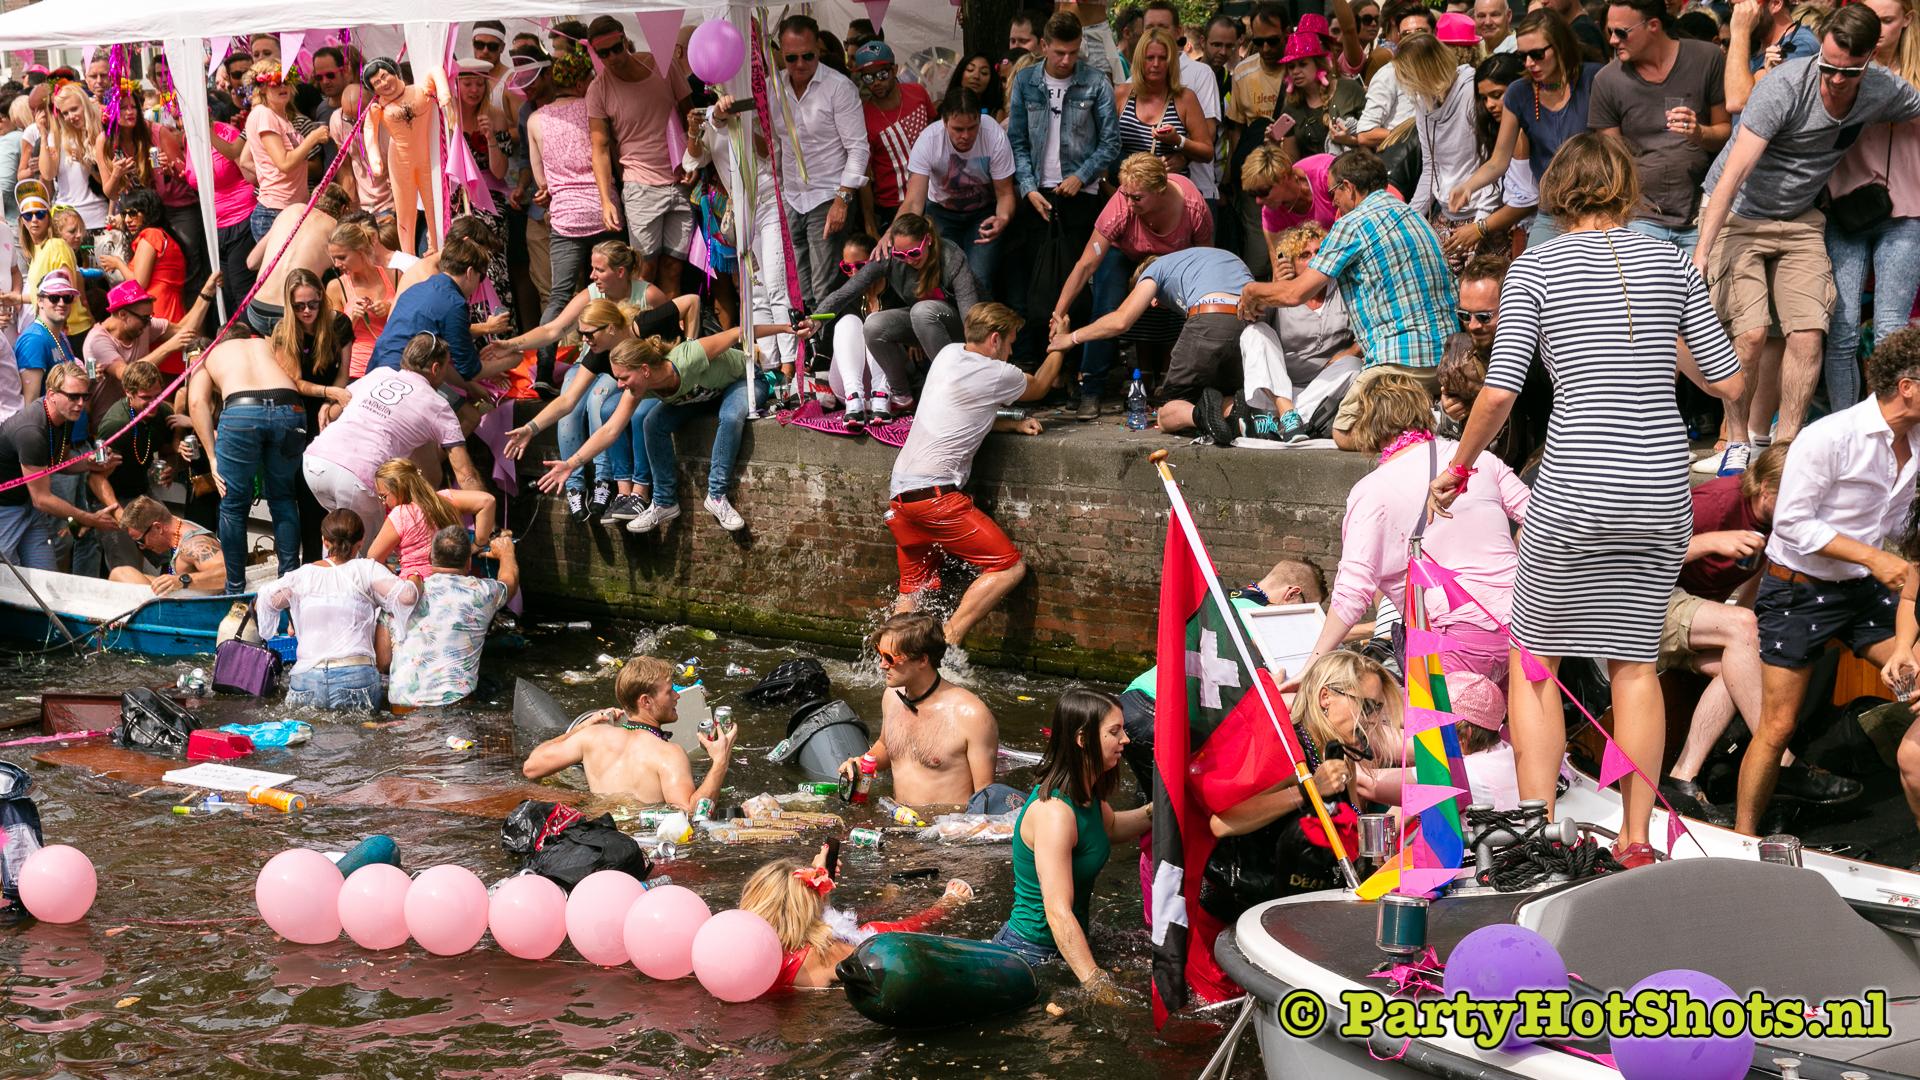 bootje zinkt tijdens gay pride